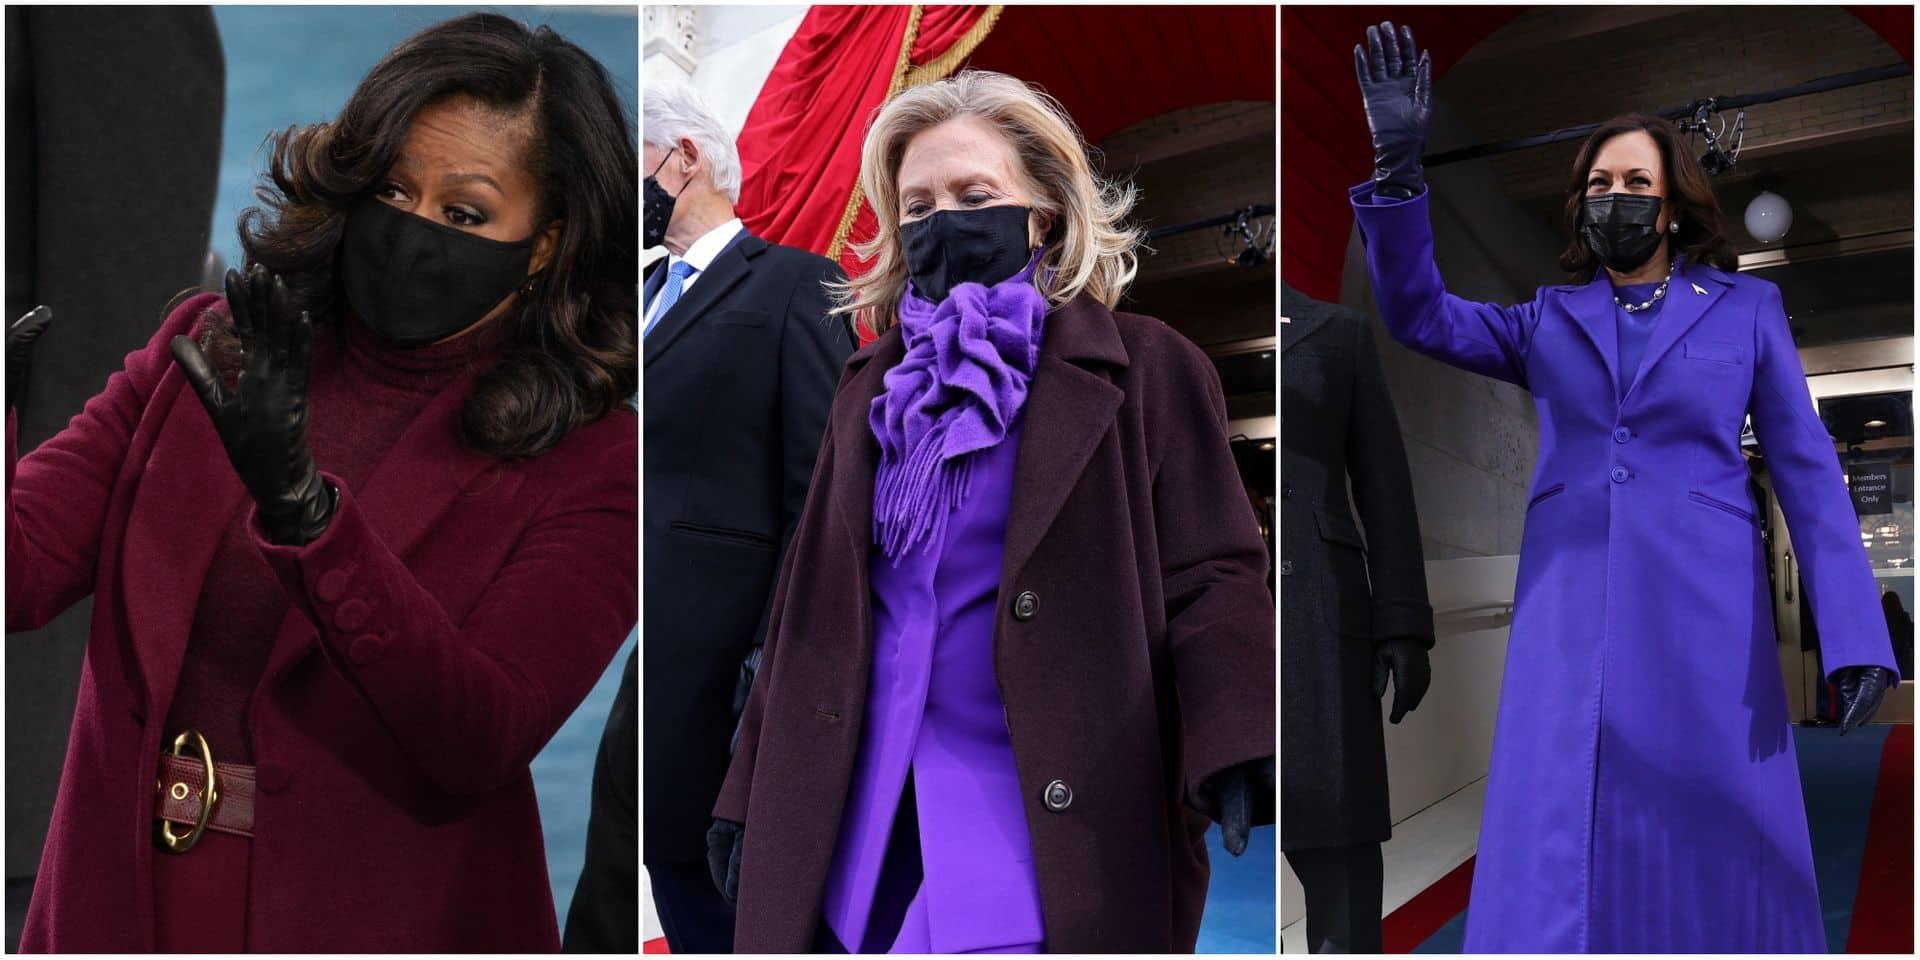 Voici pourquoi Kamala Harris, Michelle Obama et Hillary Clinton portaient du violet lors de l'investiture de Joe Biden